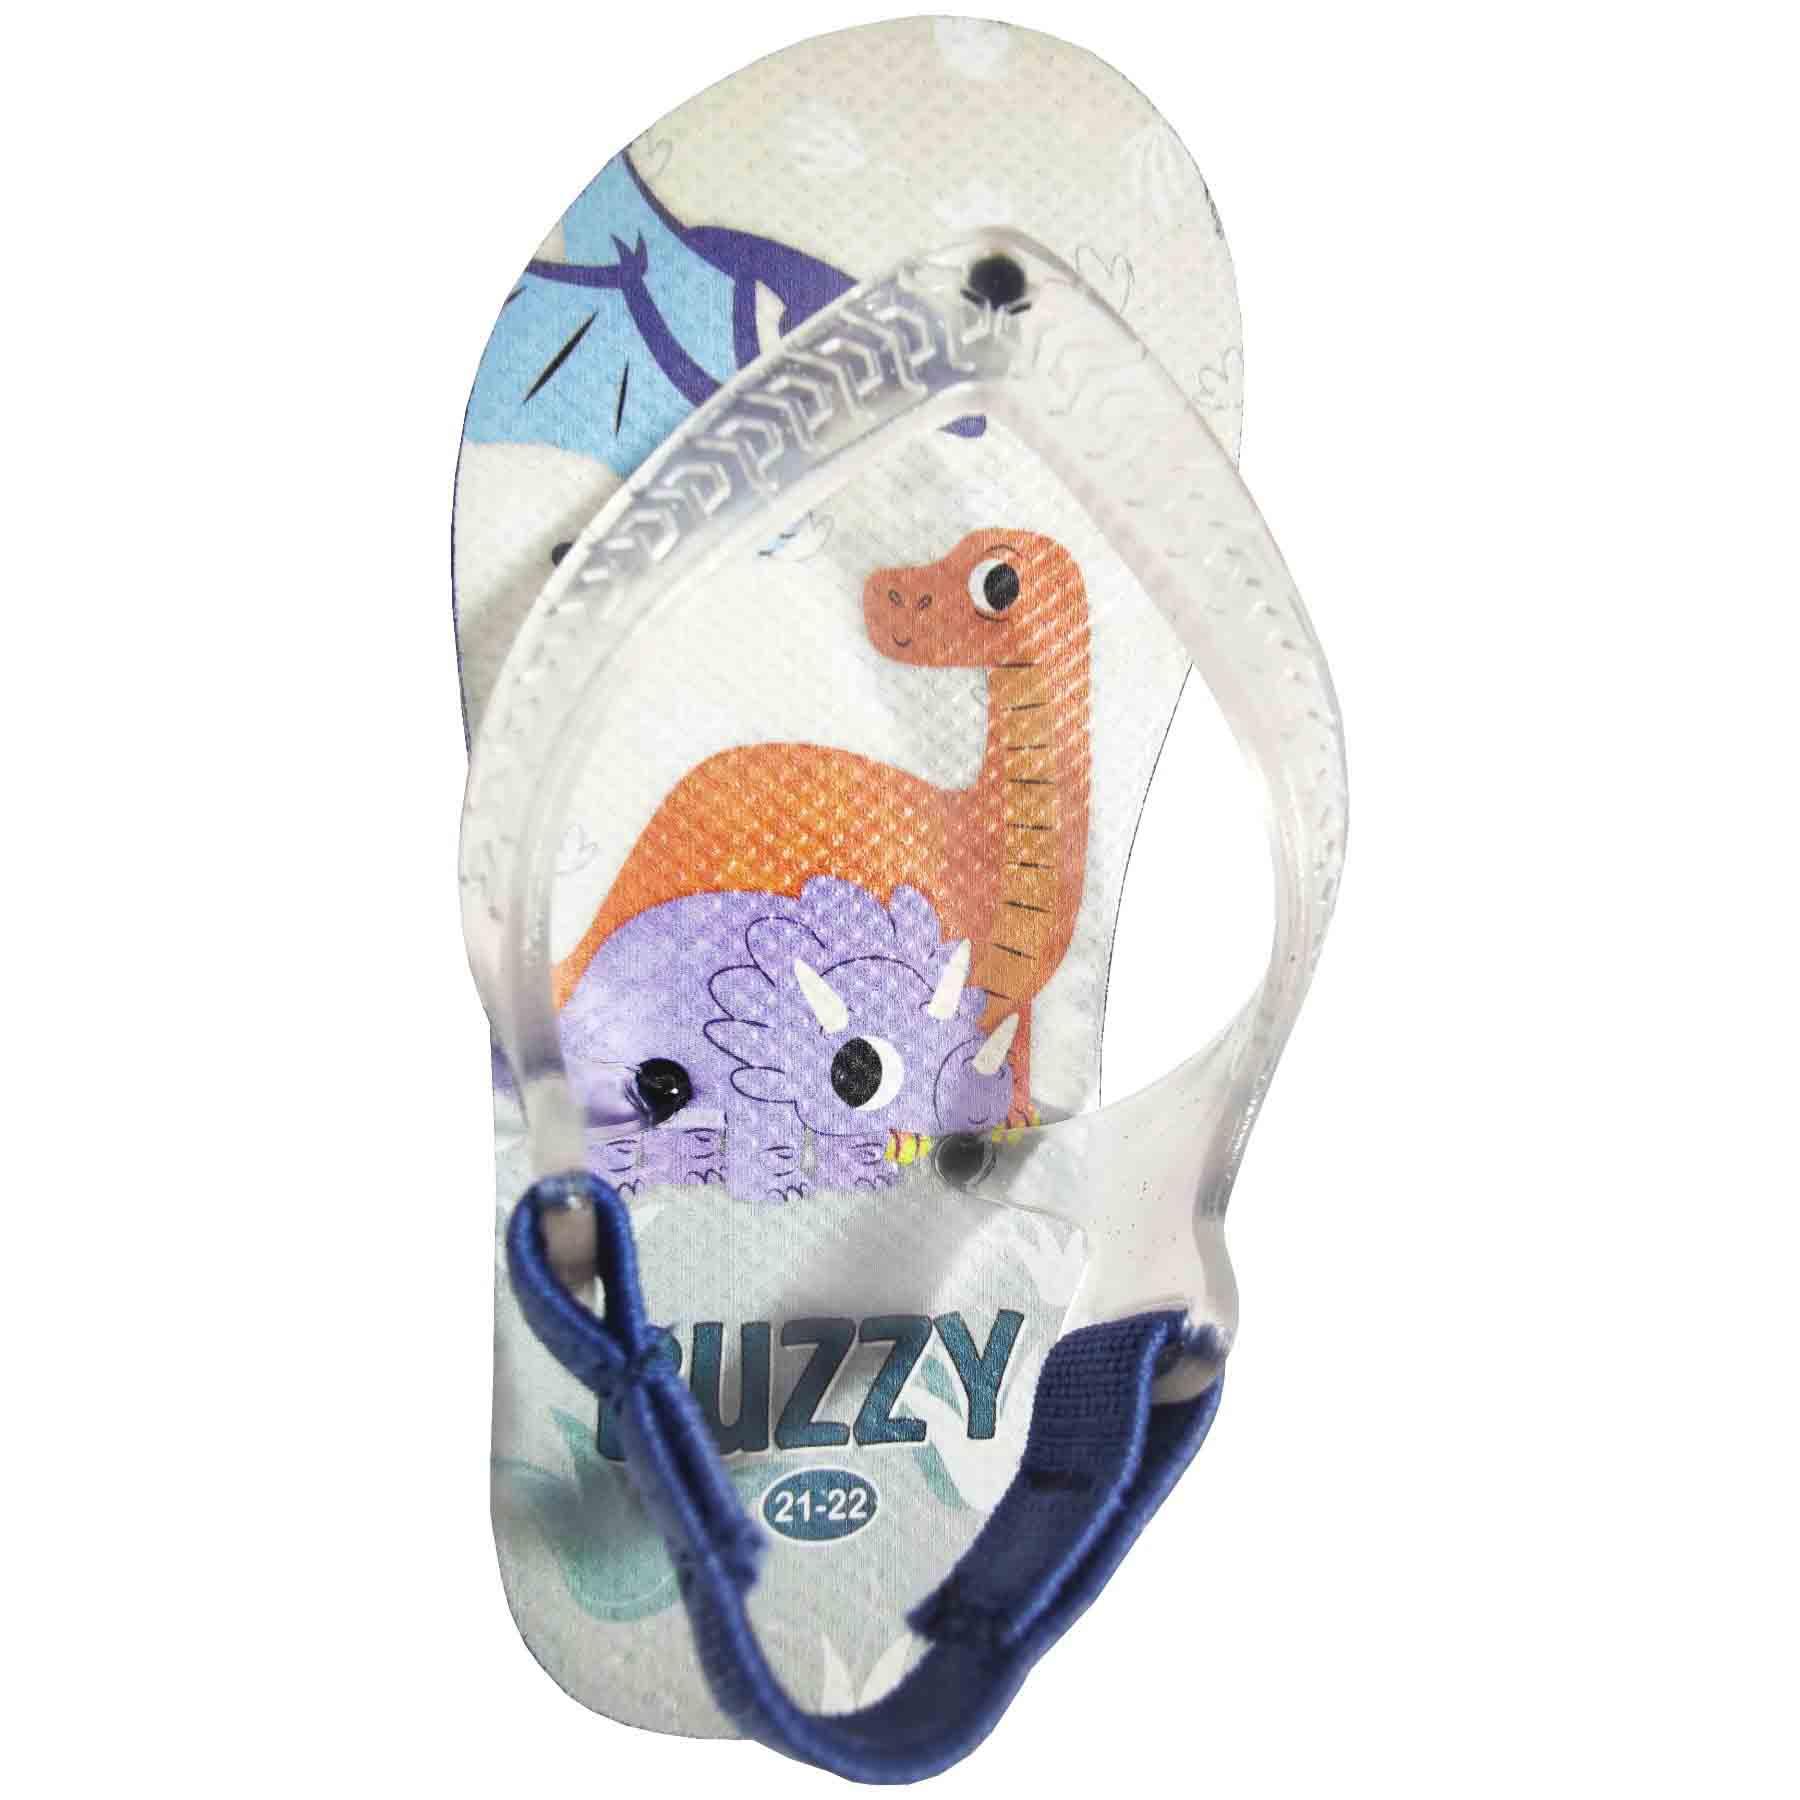 Chinelo Bebê Buzzy Sandália Infantil Dinos Meninos BZ010